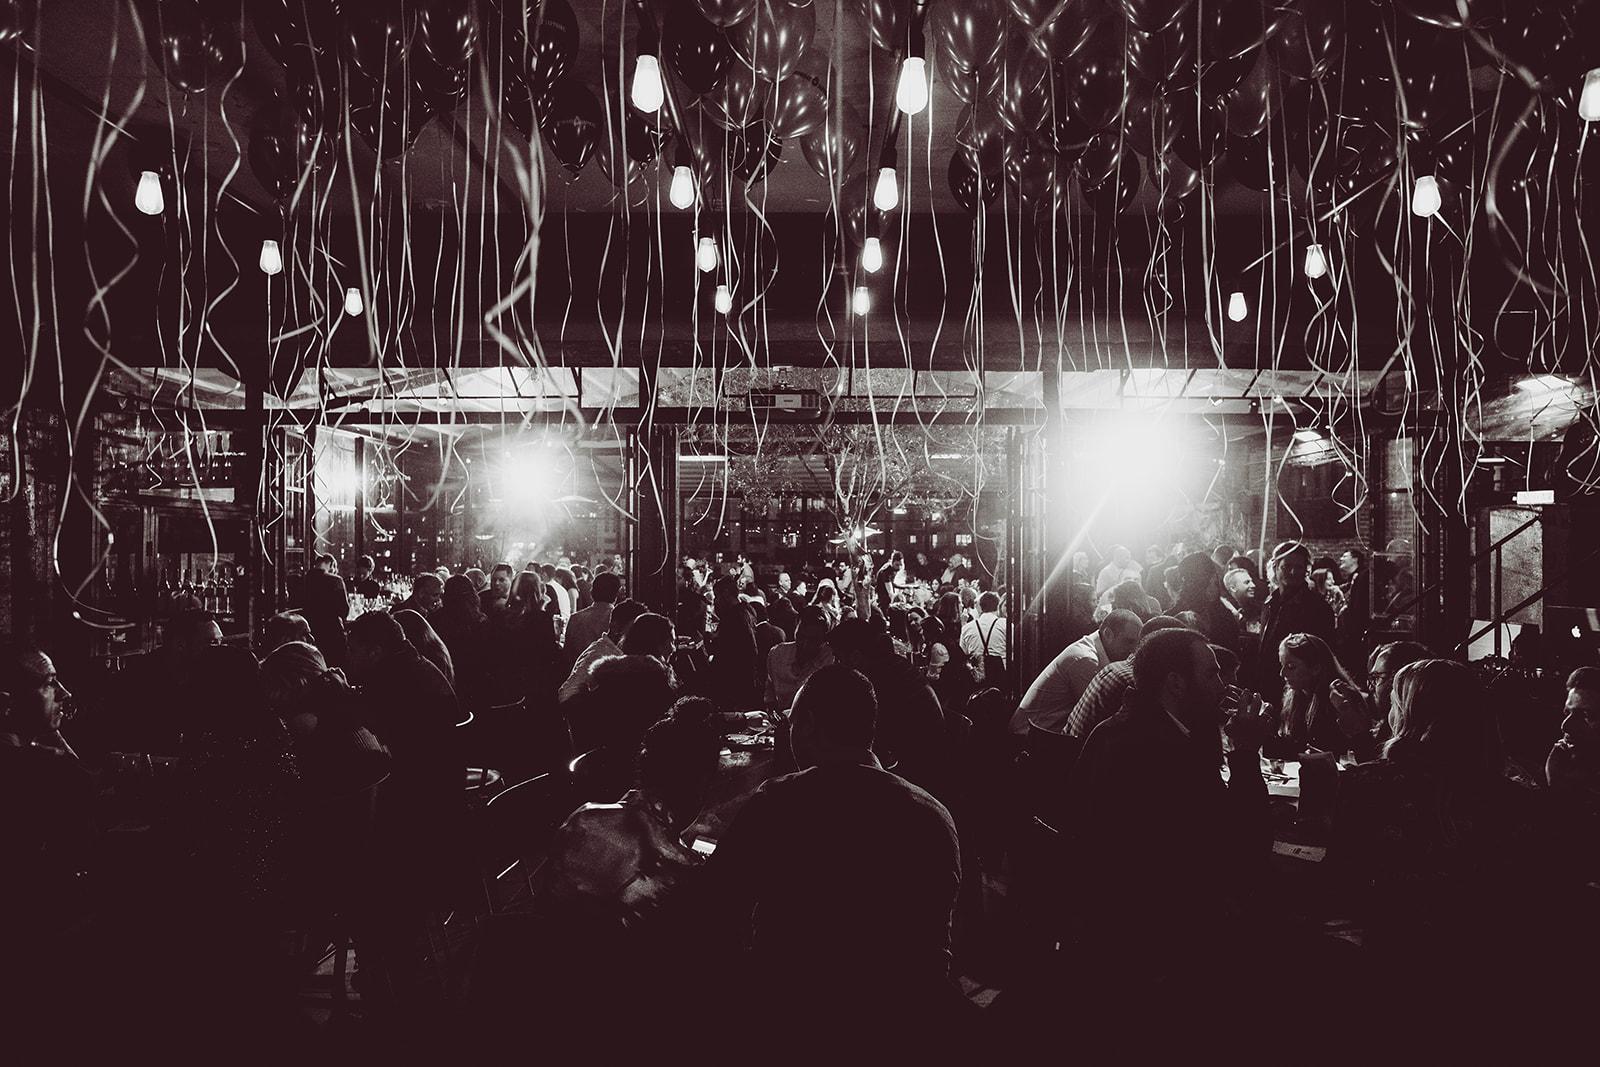 סילבסטר 2019 סורא מארה | צילום אירועים אמנון חורש